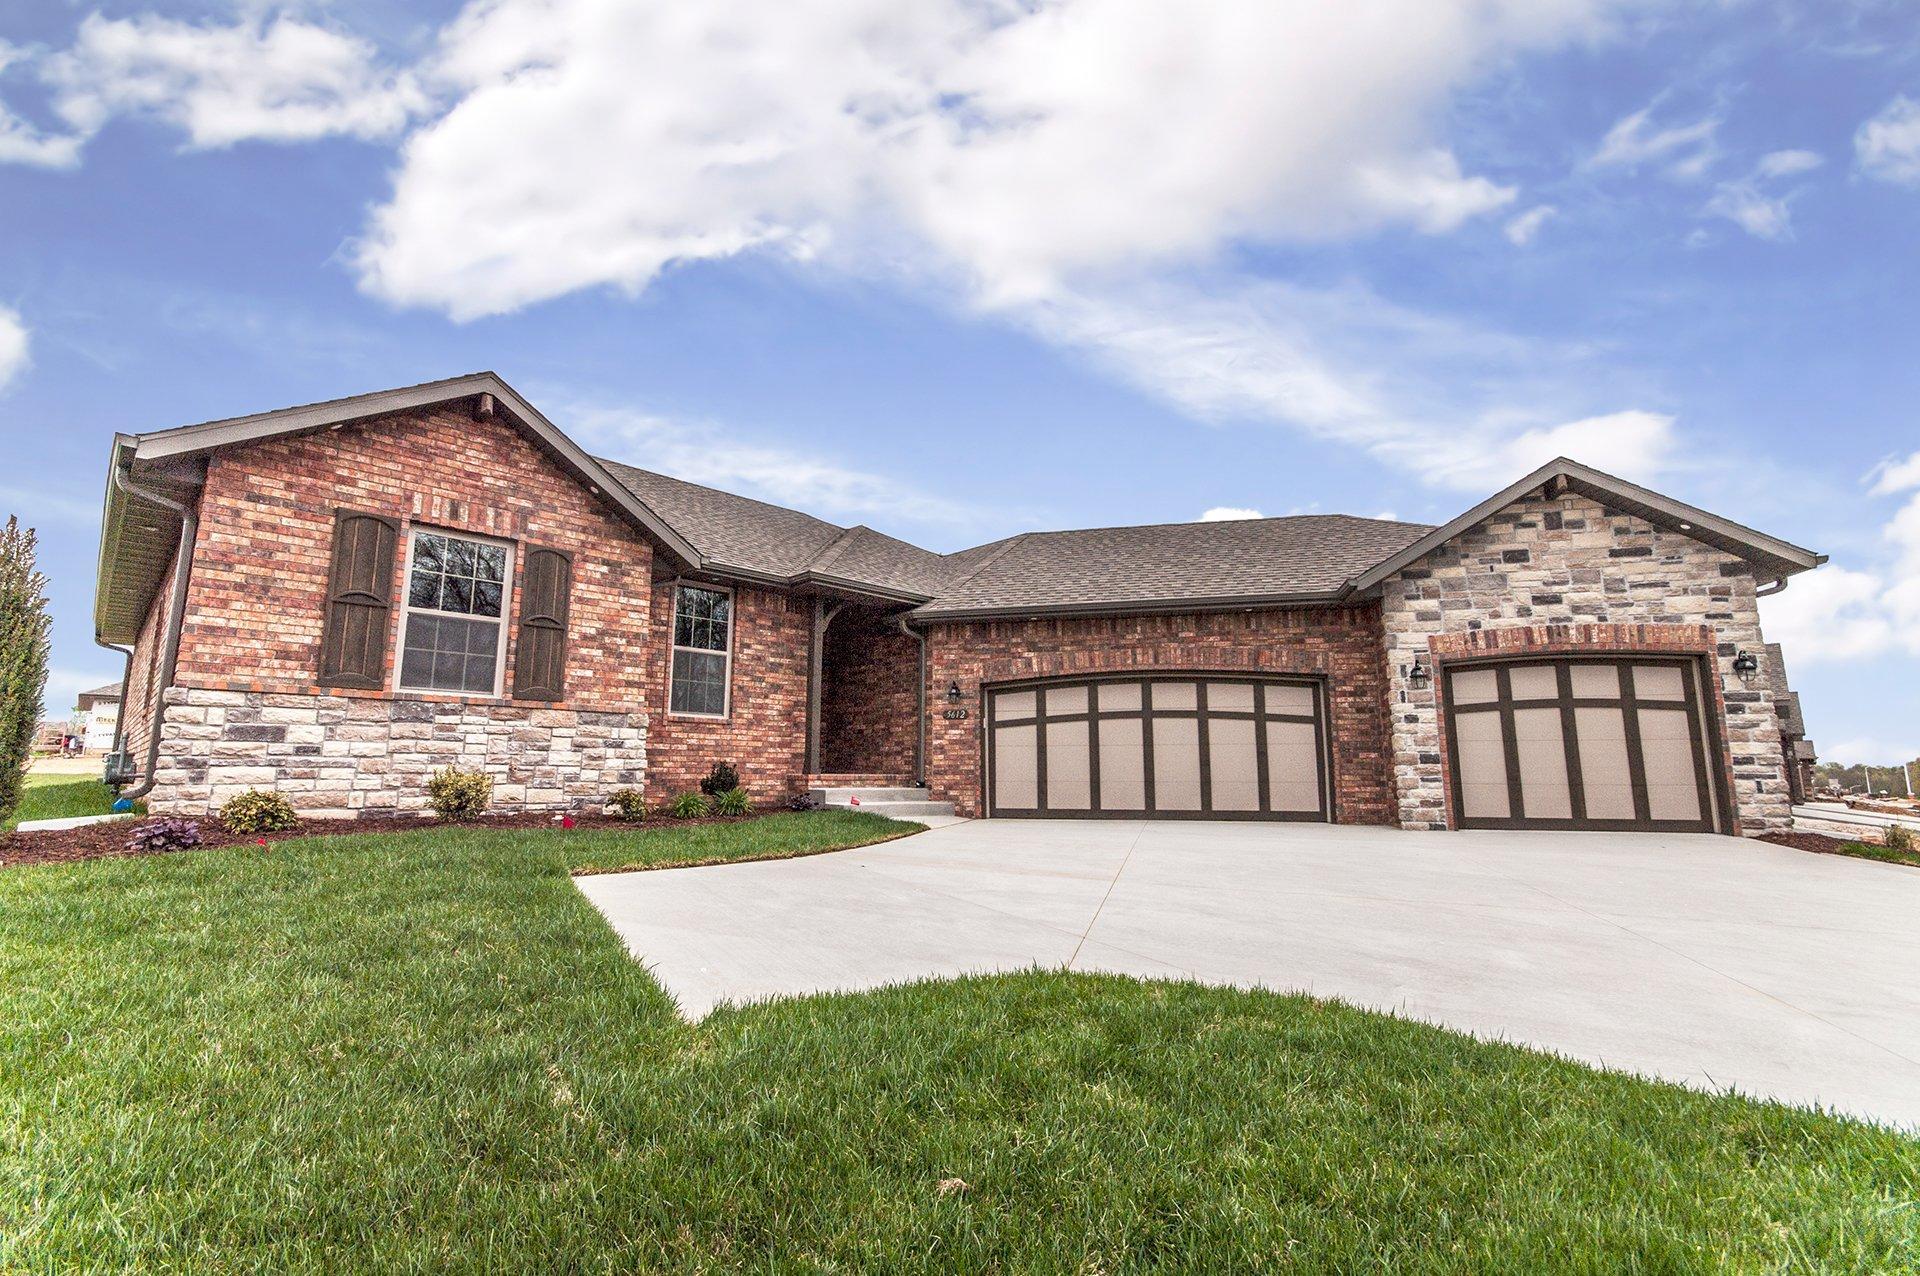 Shelby Angled Garage Plan in Eagle Ridge Estates, Nixa, MO ... on